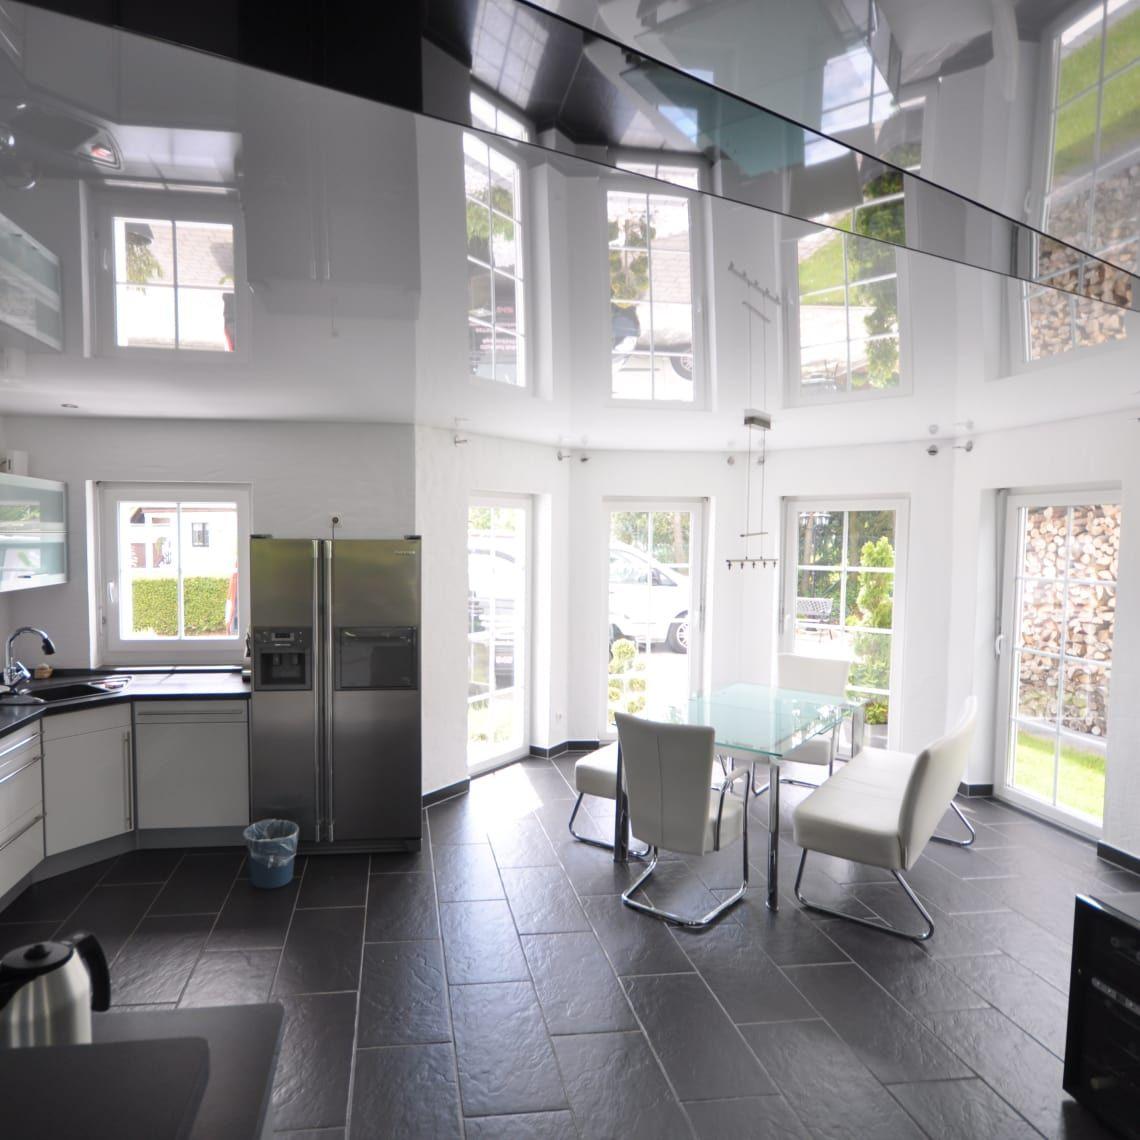 Spanndecke weiß Hochglanz wohnzimmer decke renovieren